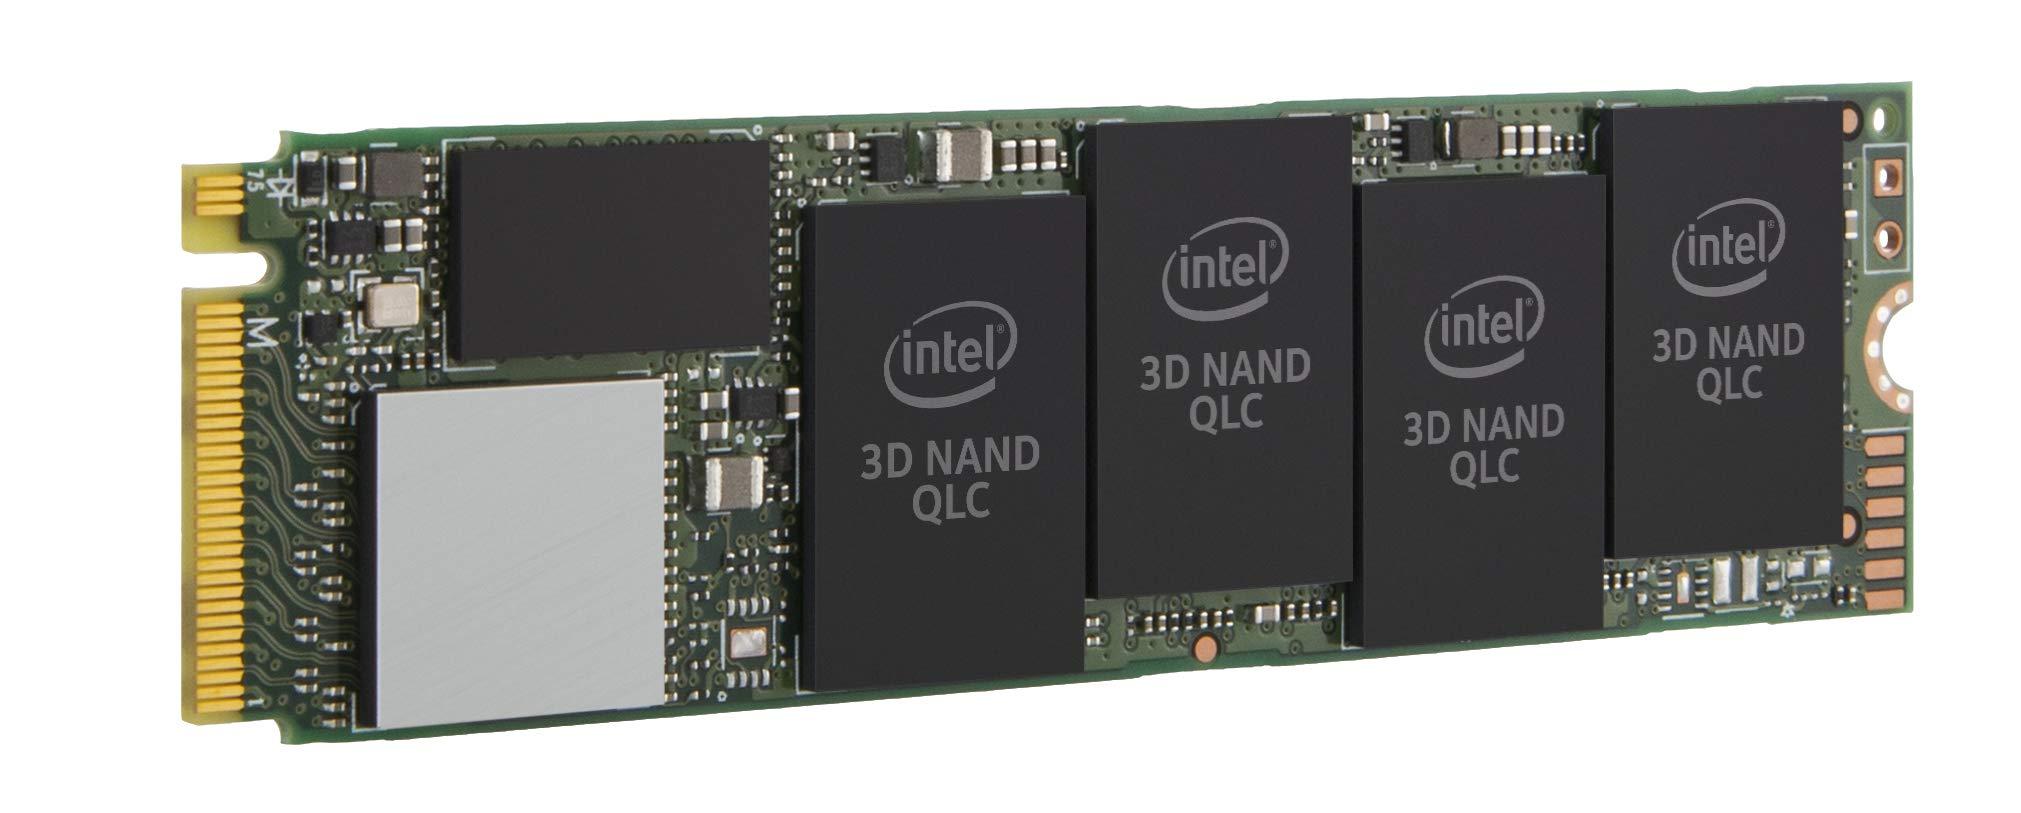 M.2 2280 512GB PCIE Intel 660P Series 512GB M.2 80MM PCIE 3.